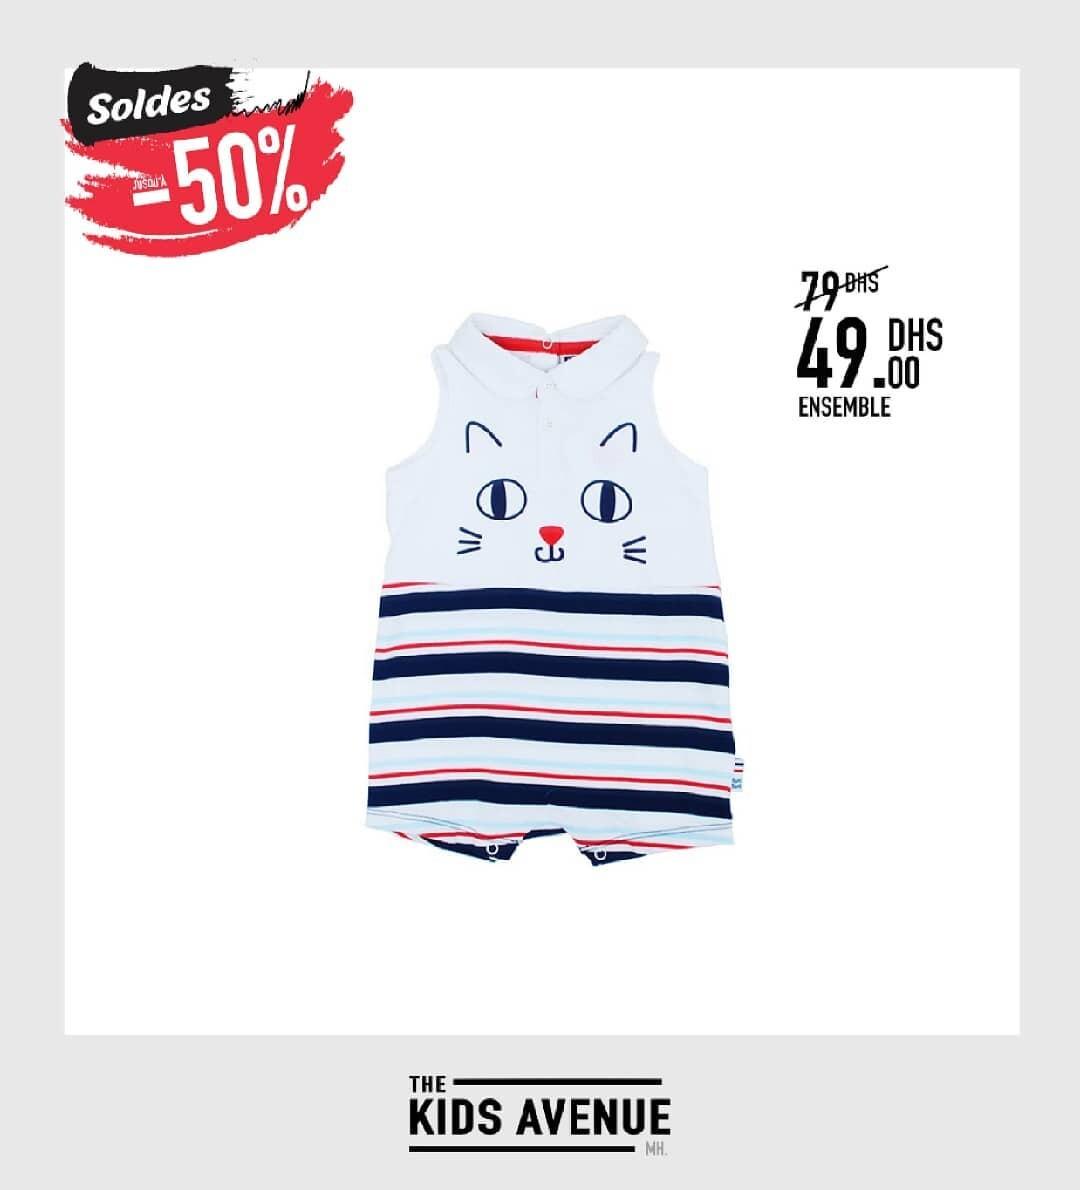 Soldes Kids Avenue MH Ensemble bébé garçon 49Dhs au lieu de 79Dhs